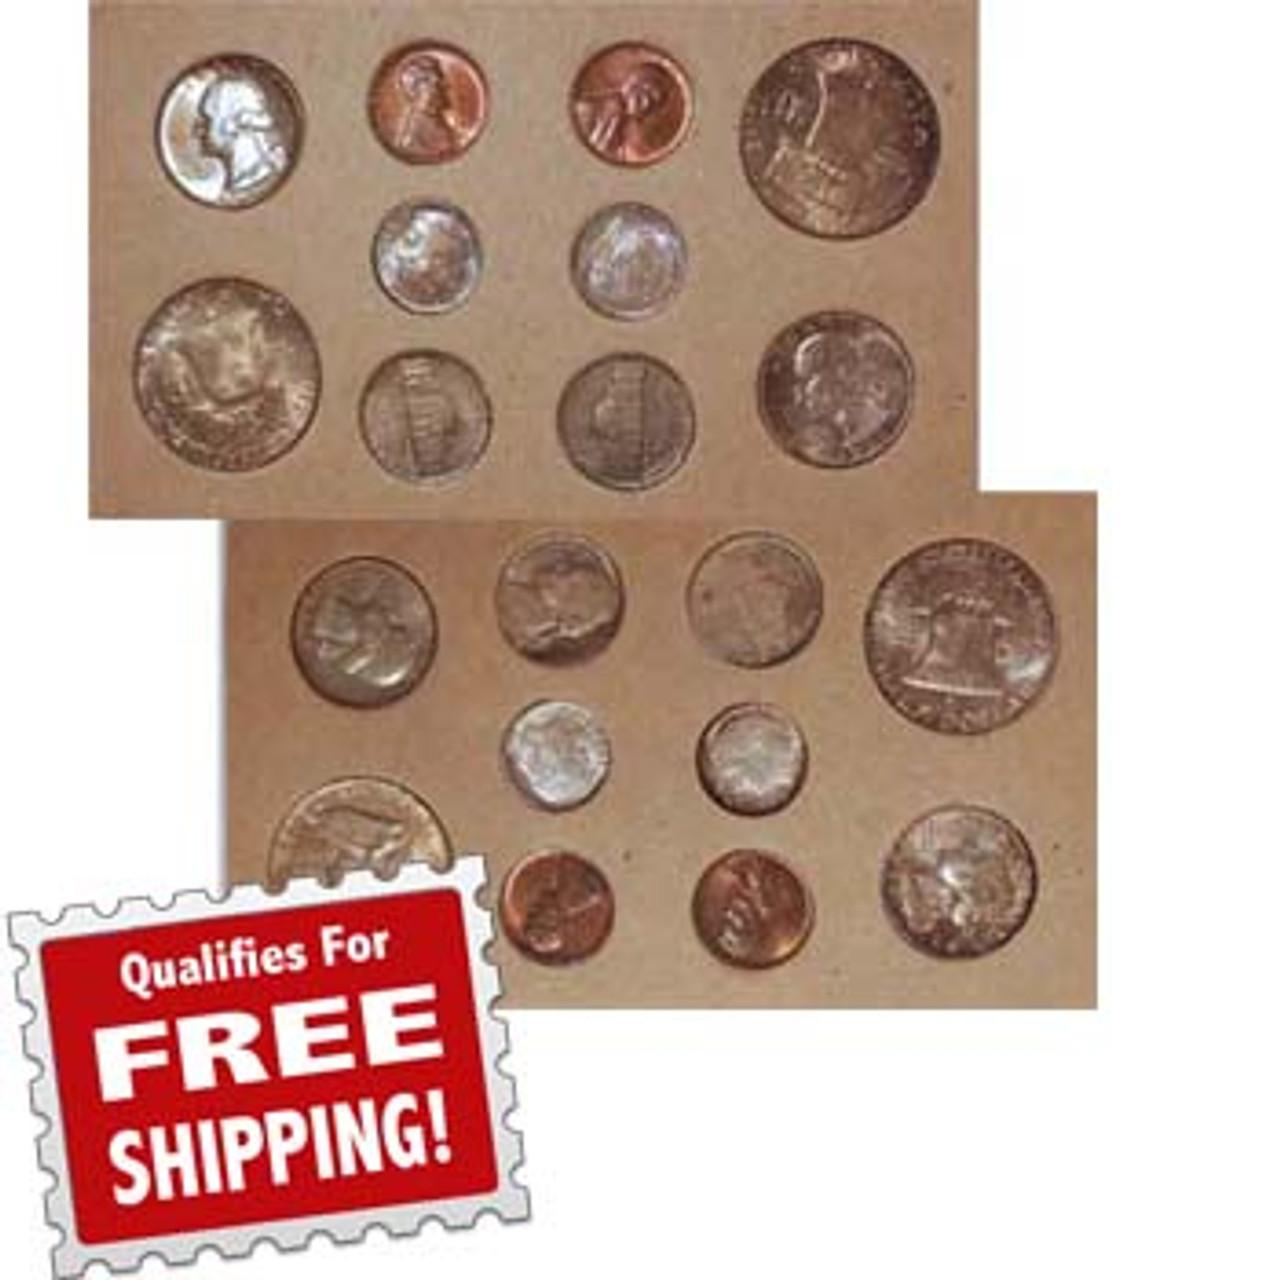 1957 Mint Set 20 Coins Image 1